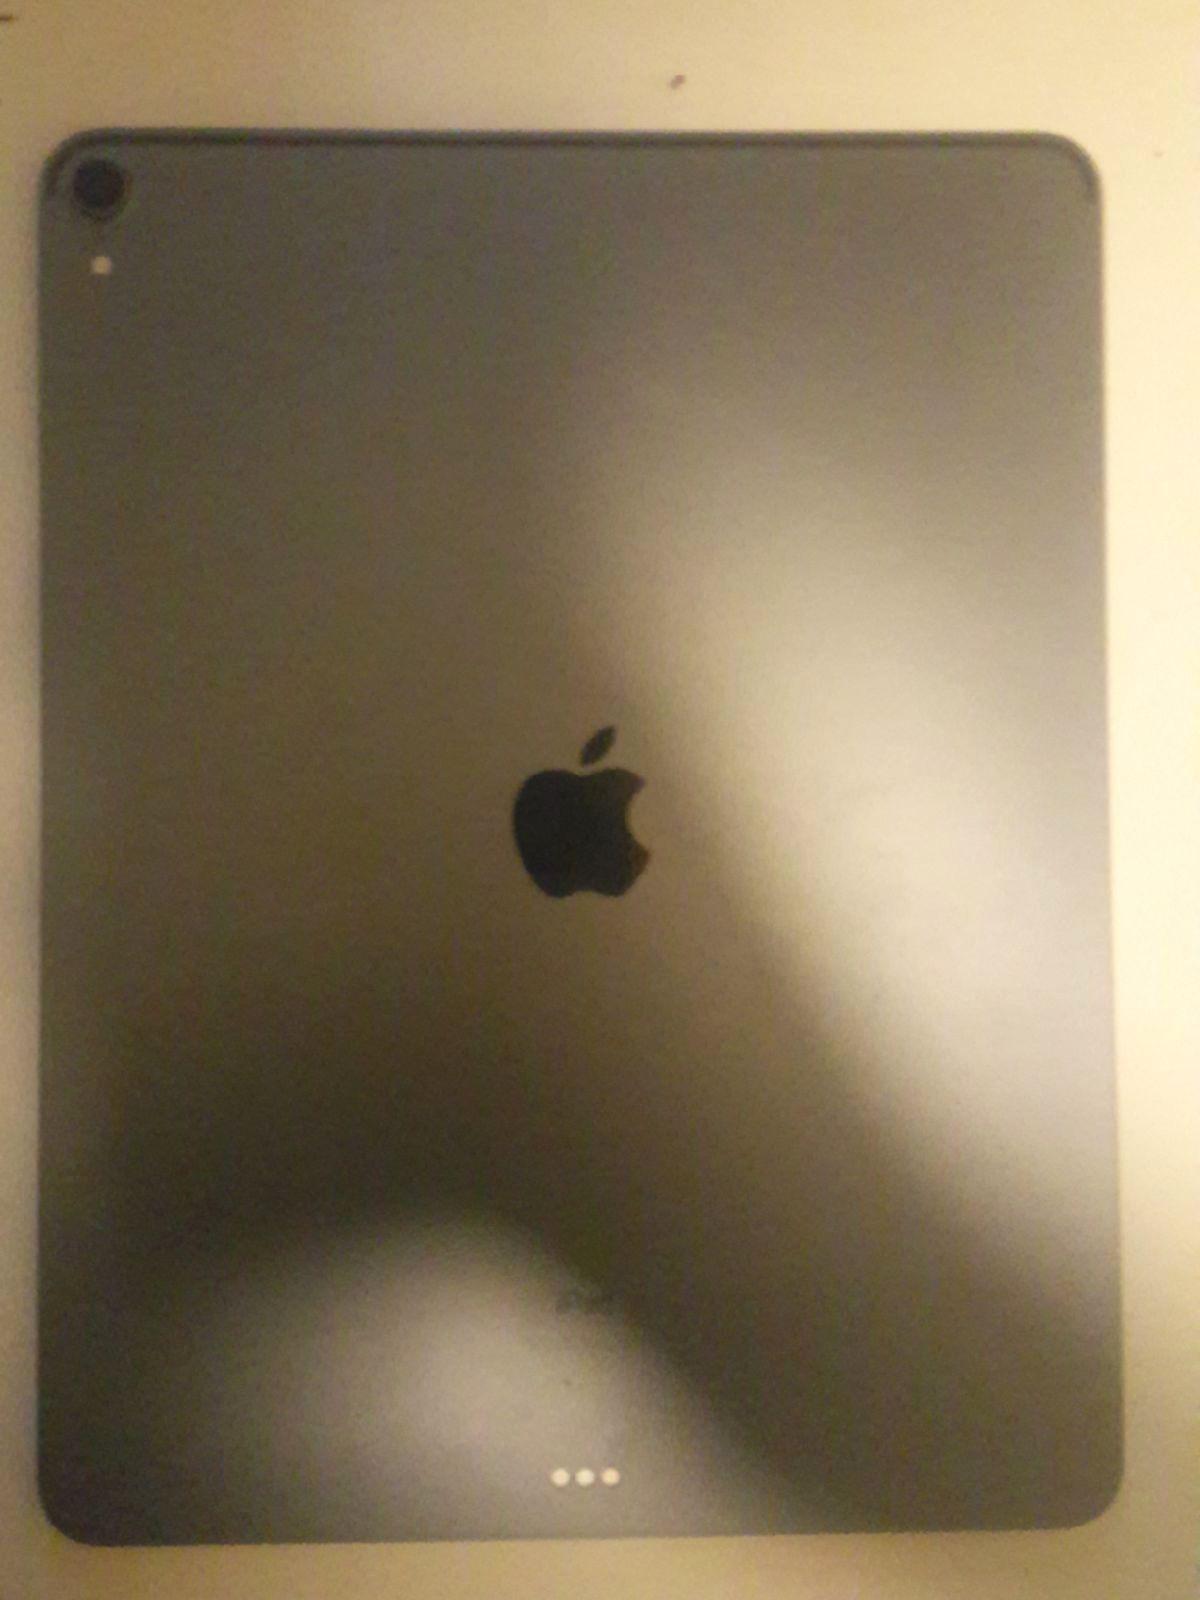 Ipad Pro 3rd Gen On Mercari Ipad Pro Apple Pen Ipad